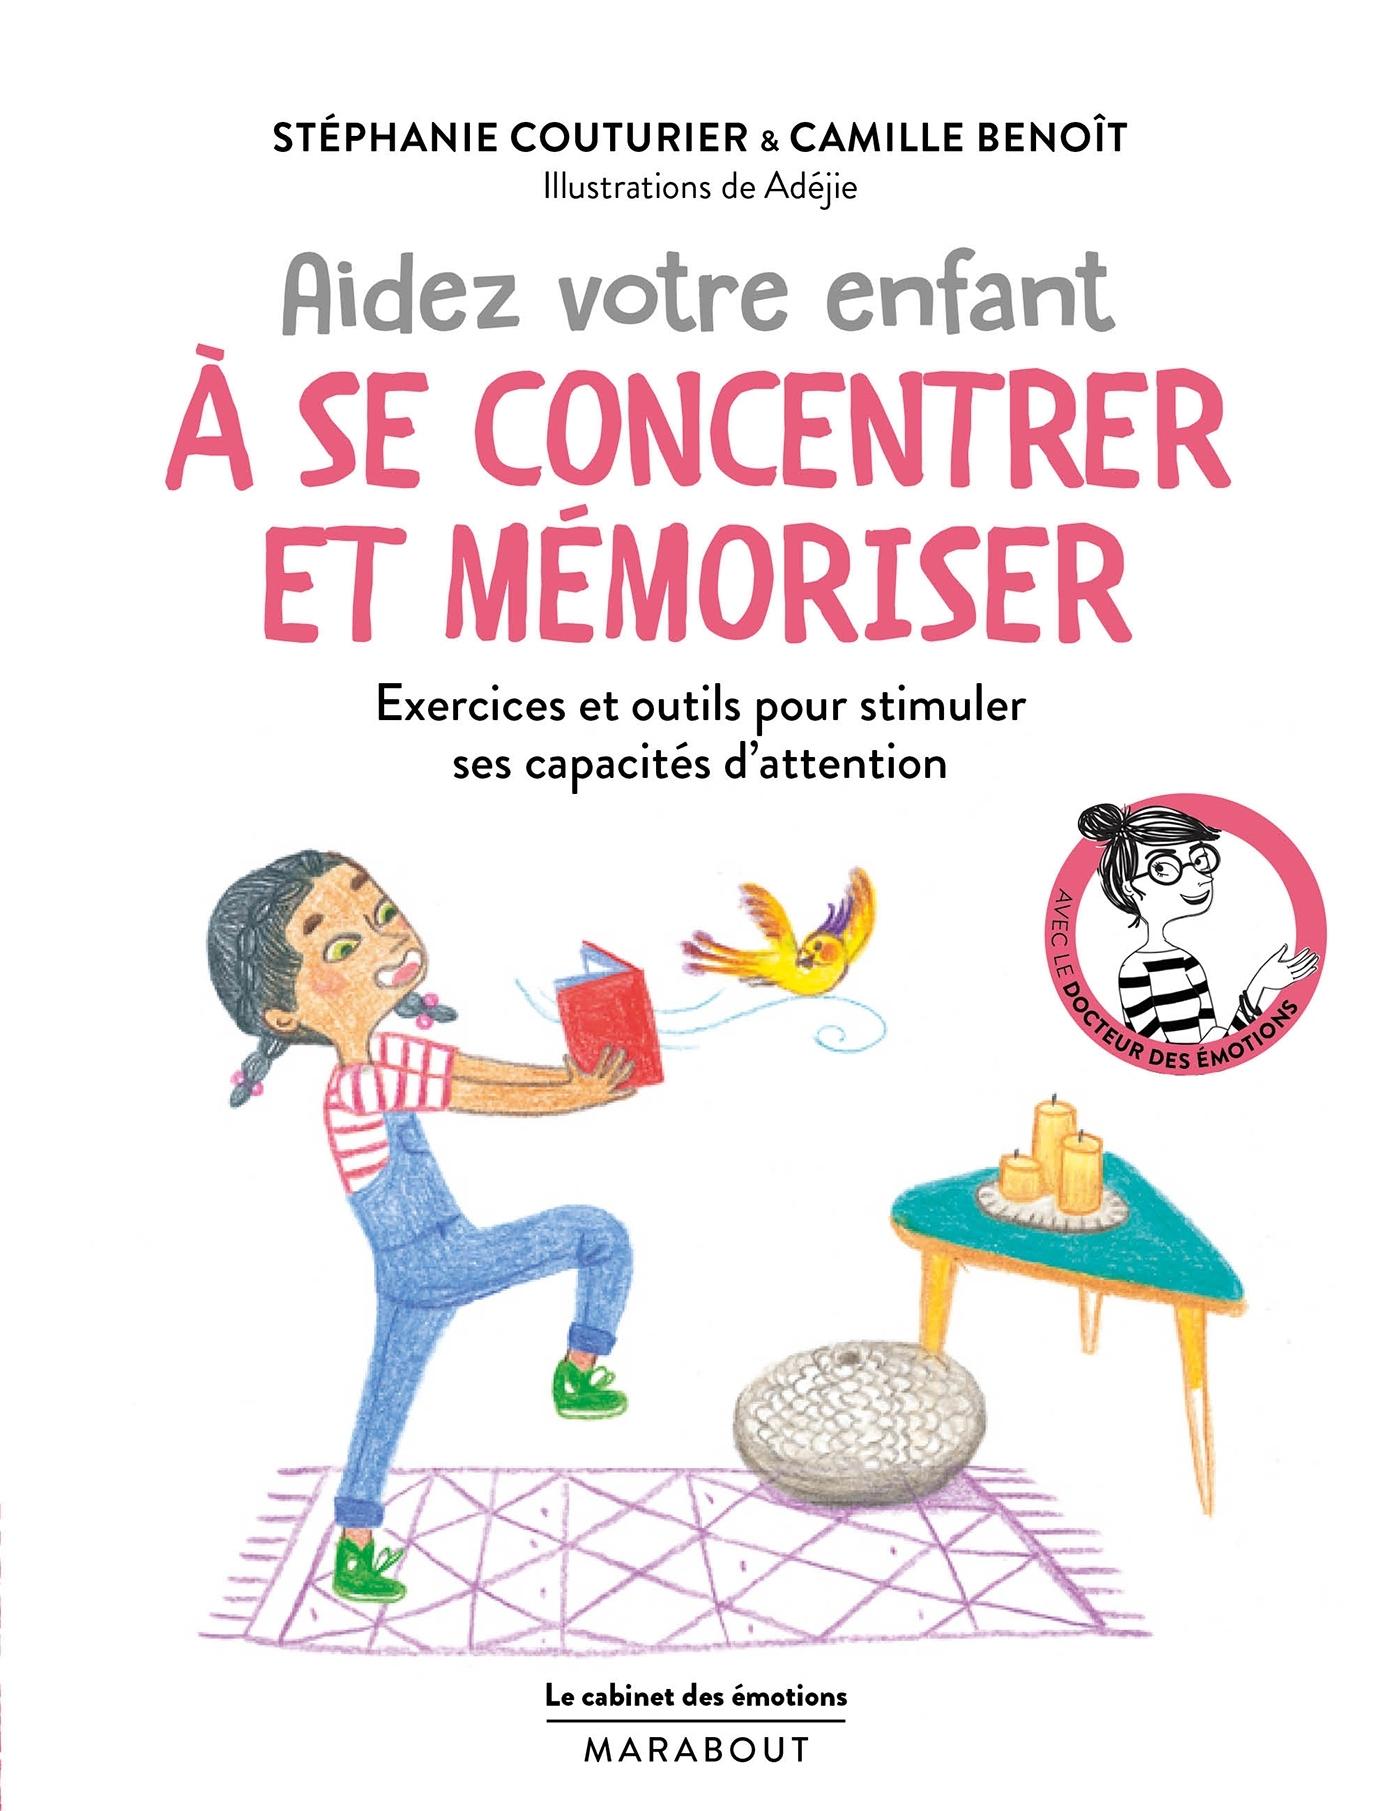 LE CABINET DES EMOTIONS :  AIDER VOTRE ENFANT A SE CONCENTRER ET A MEMORISER